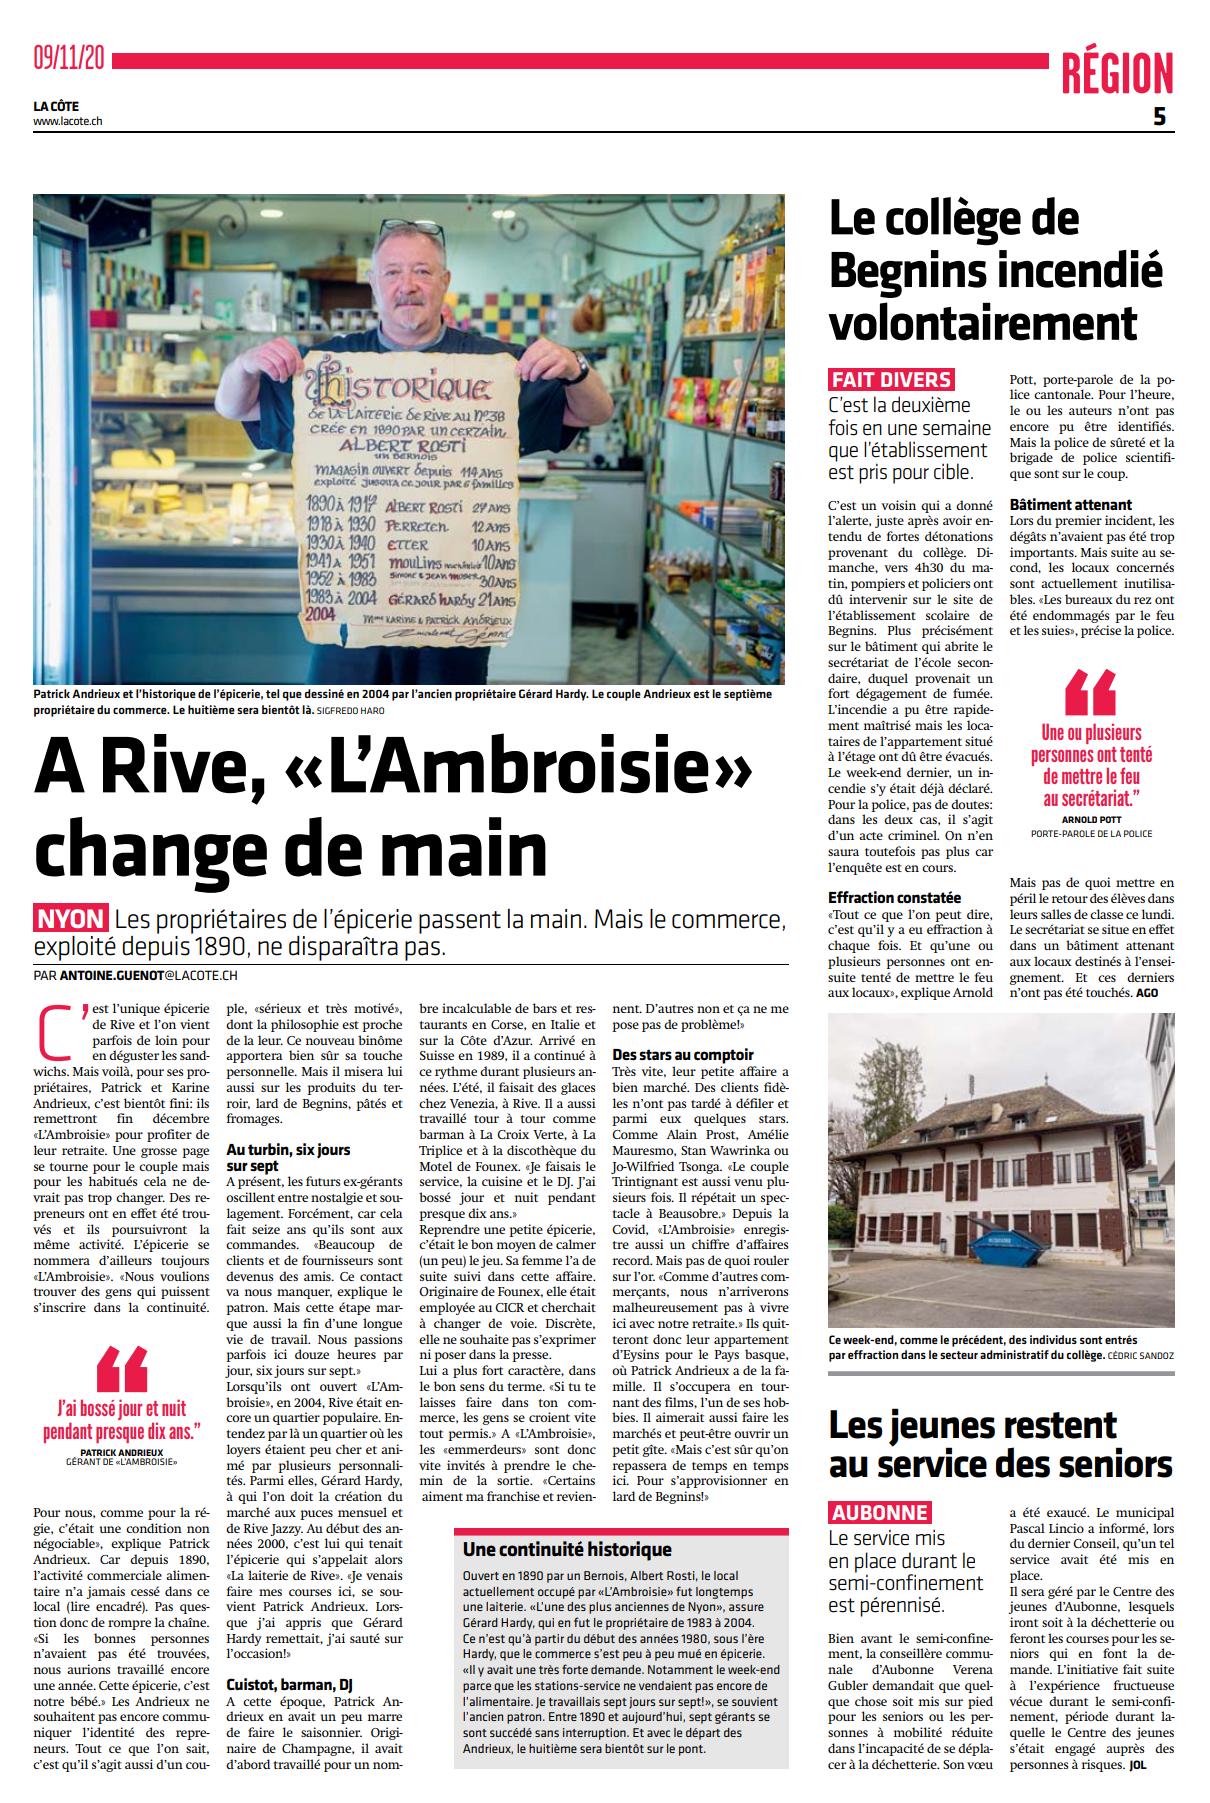 La Côte, 09.11.2020, A Rive, L'Ambroisie change de main